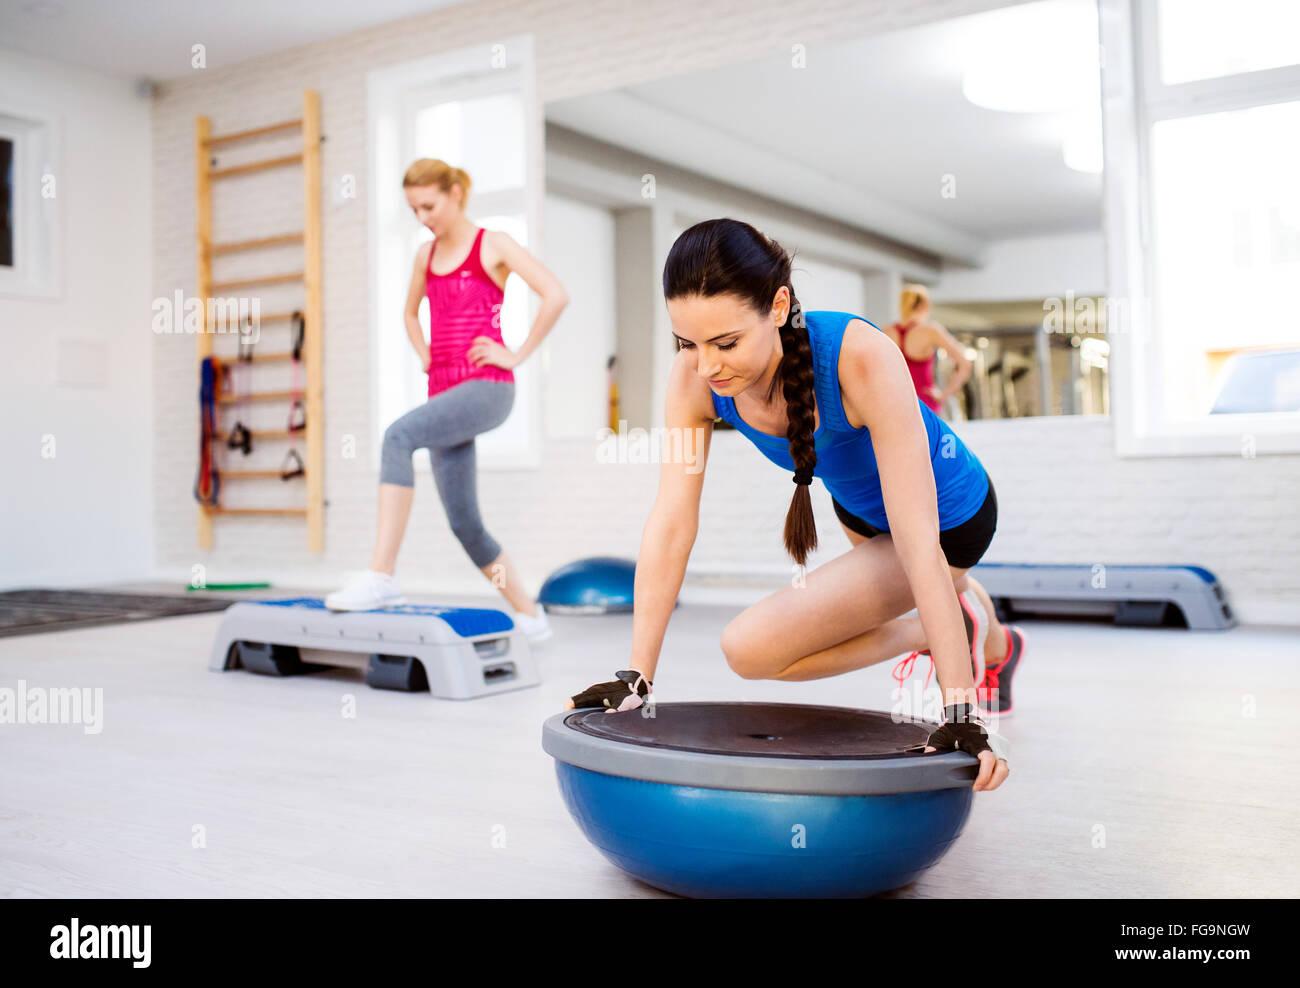 Colocar dos mujeres atractivas en el gimnasio haciendo diversos ejercicios Imagen De Stock